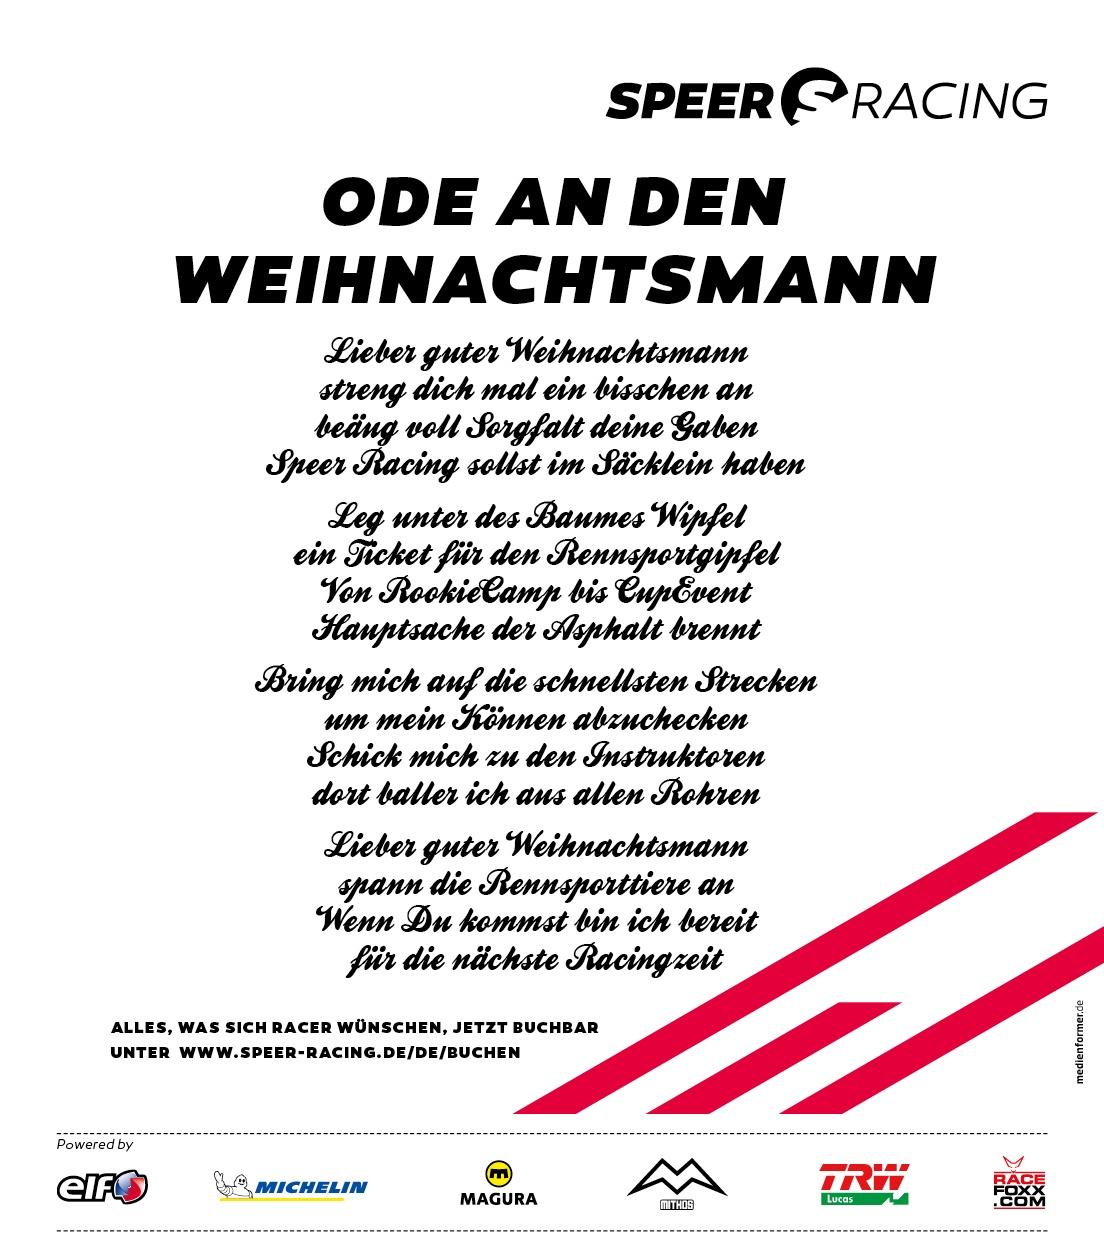 Speer Racing: Ode an den Weihnachtsmann